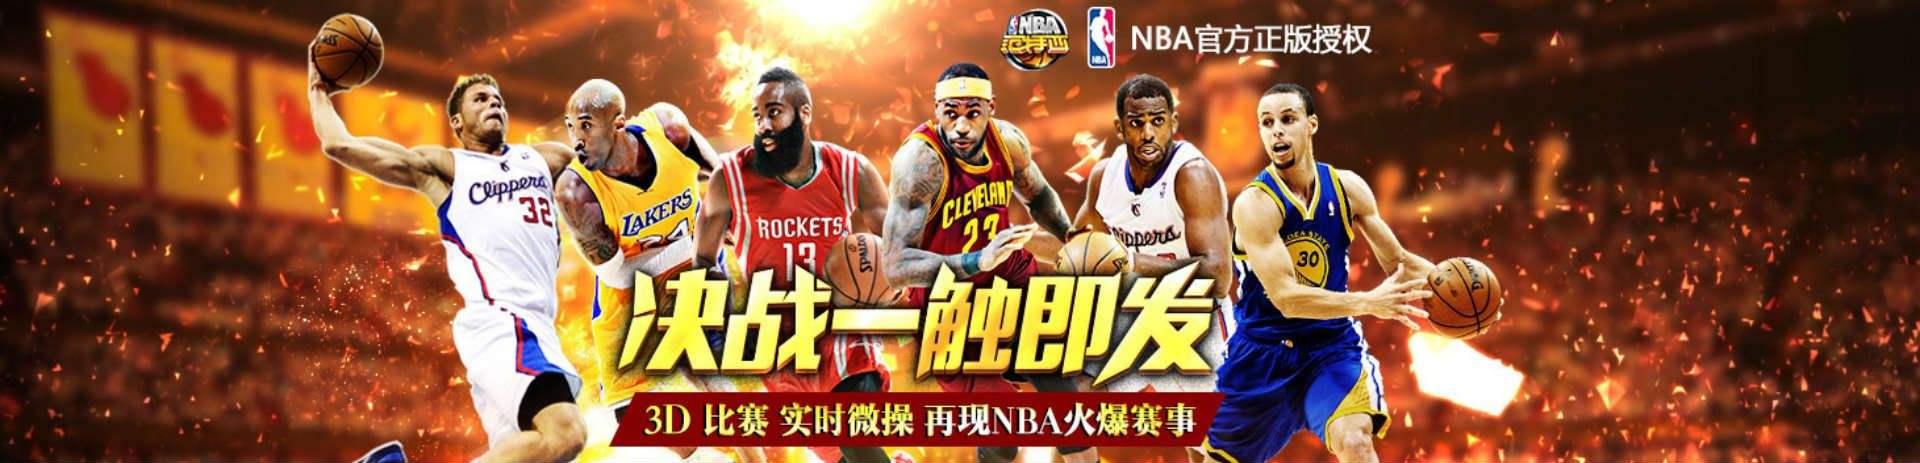 NBA手机游戏大全